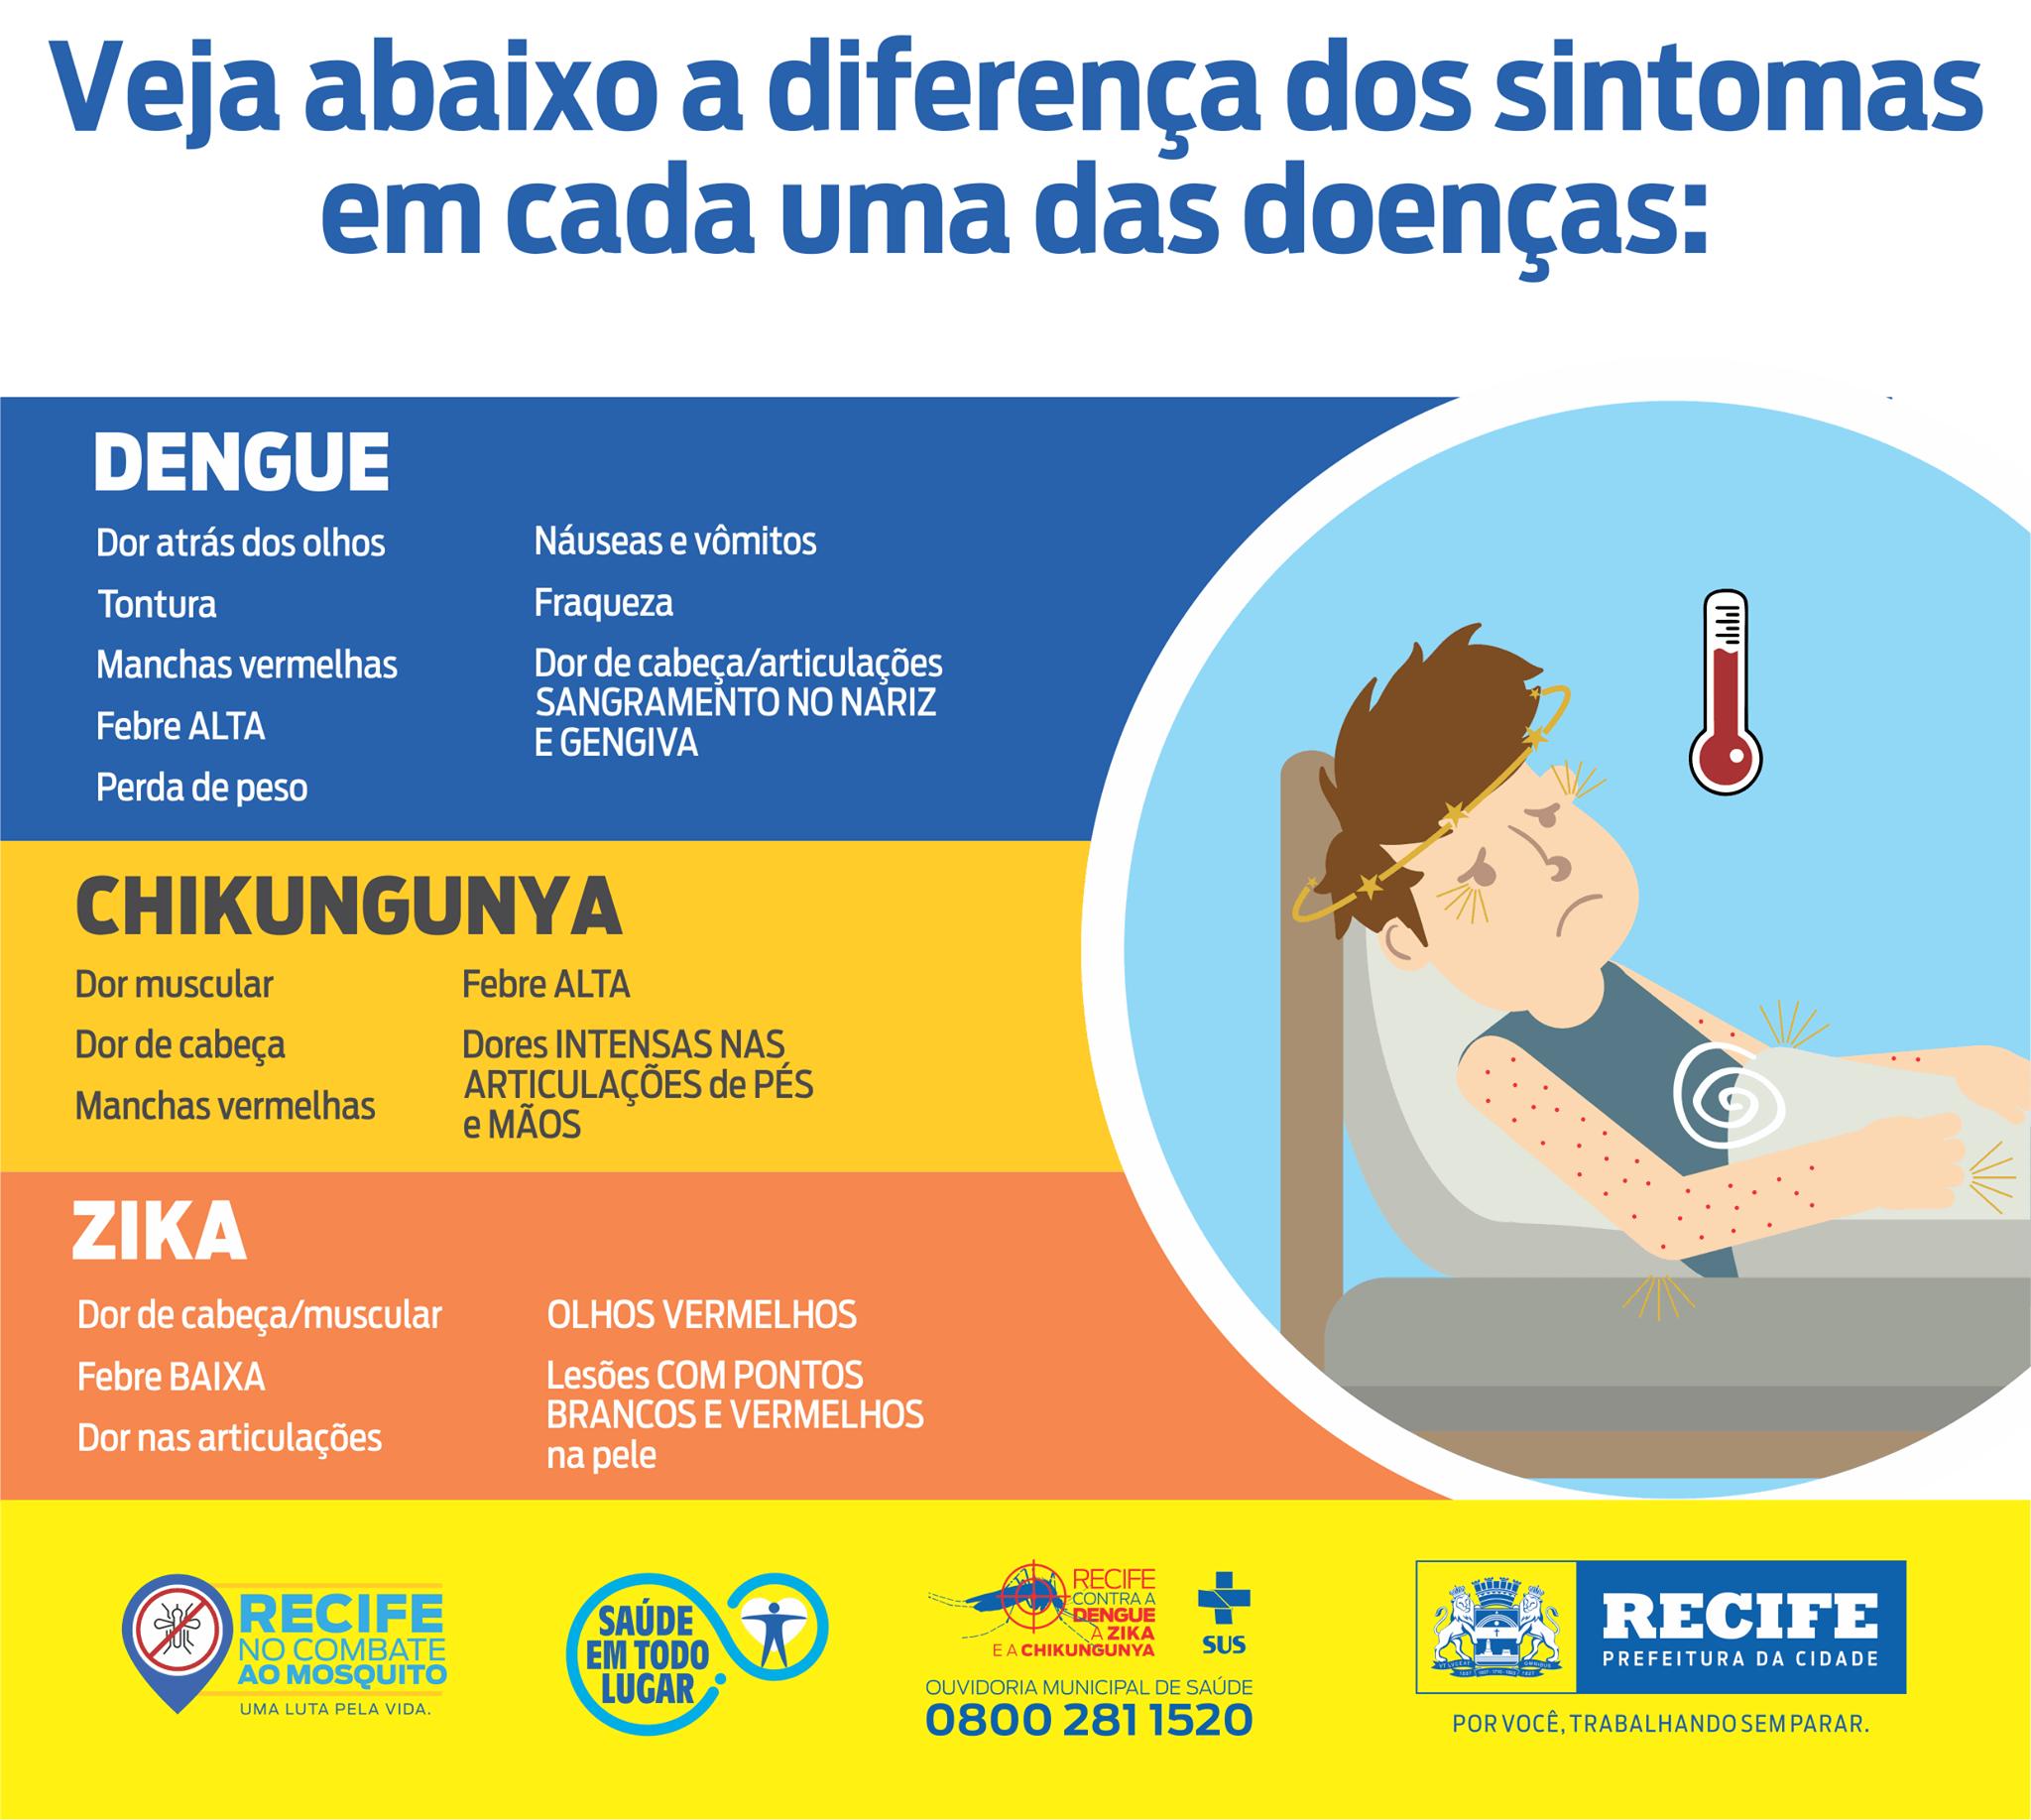 Pernambuco Zika Graphic